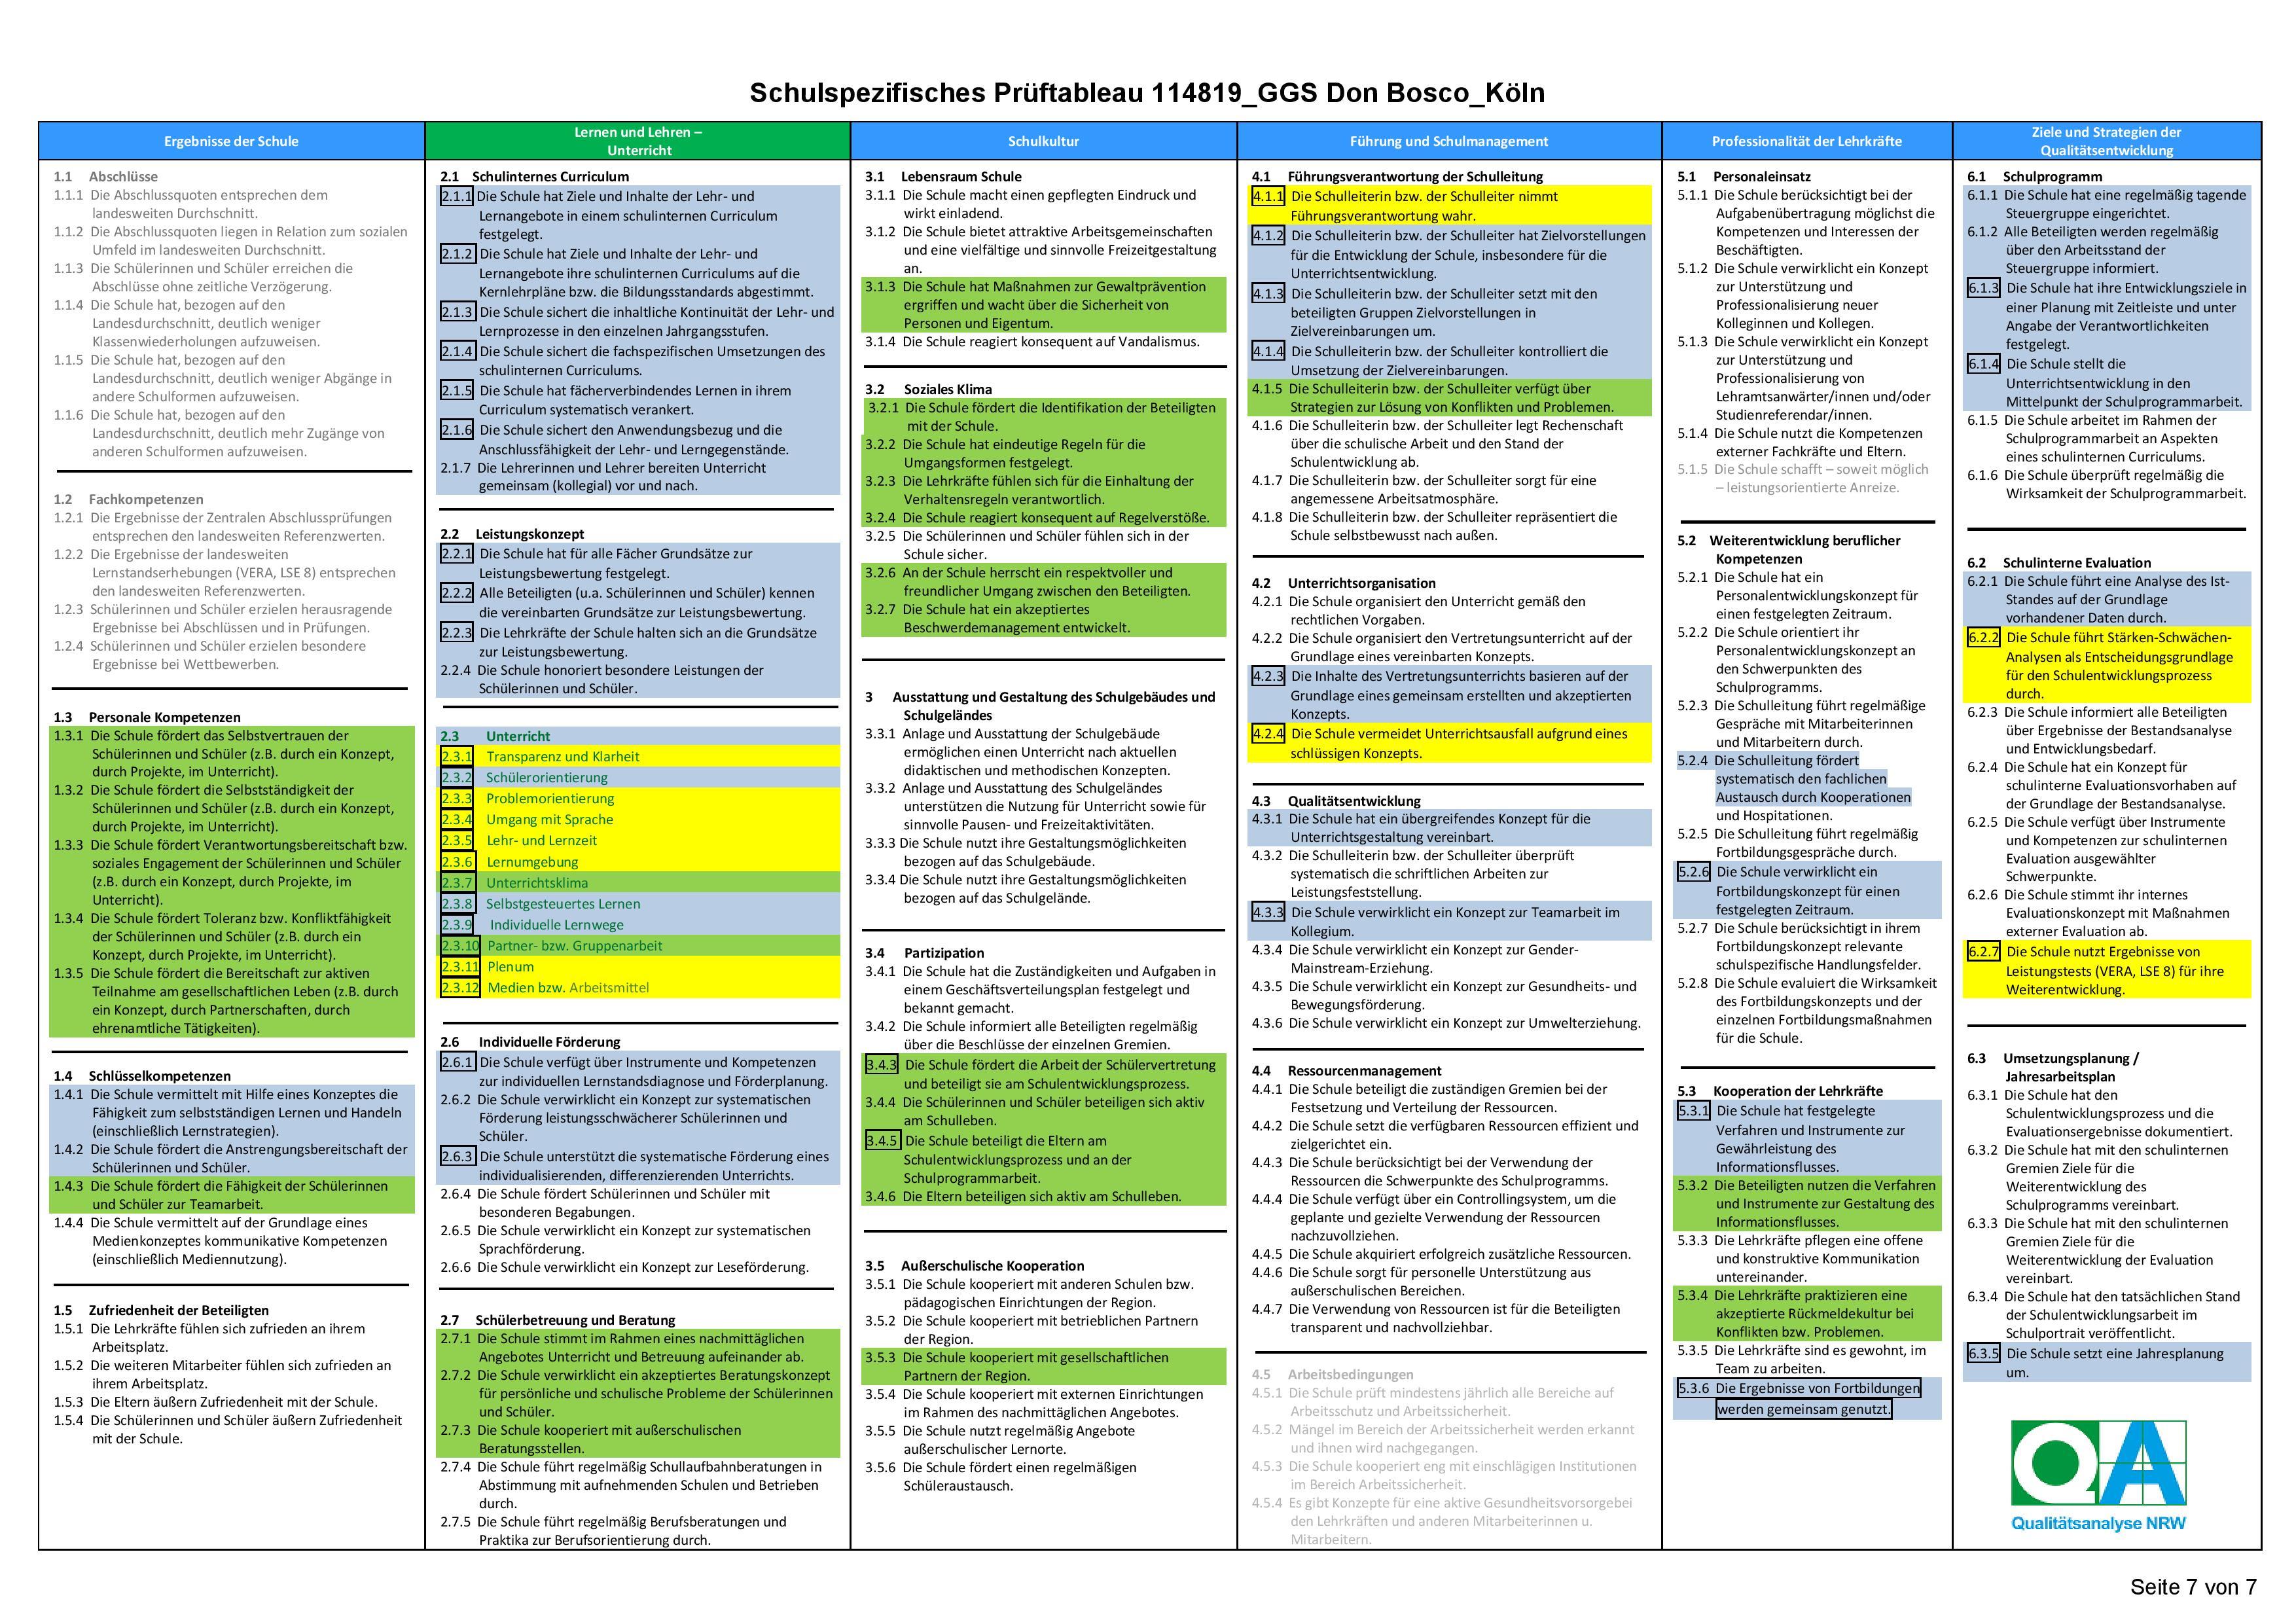 19 2protokollabgggs Don Boscoporz114819 Page 007 Ggs Don Bosco